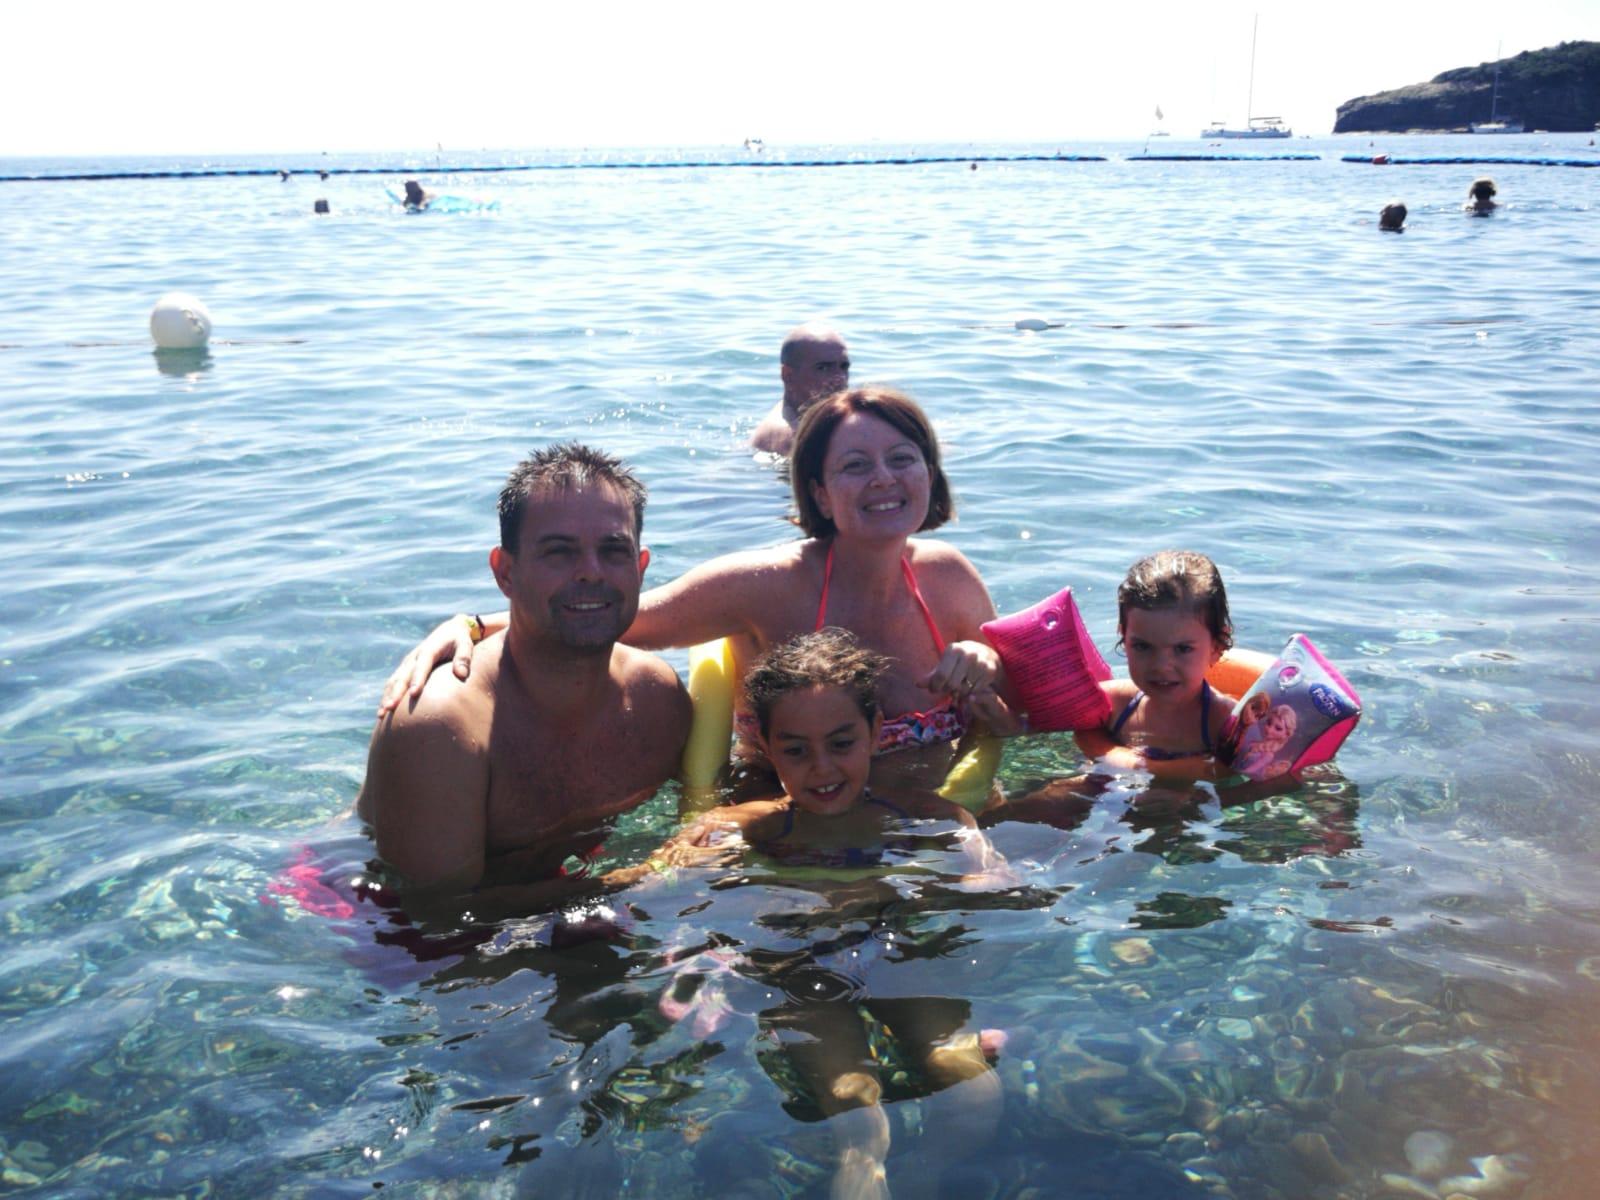 Giuliano, Maria, Sofia e Clara all'Elba – Ortano Mare dal 3 al 10 agosto 2019. #ConcorsoFotograficoViaggiCarmen2019